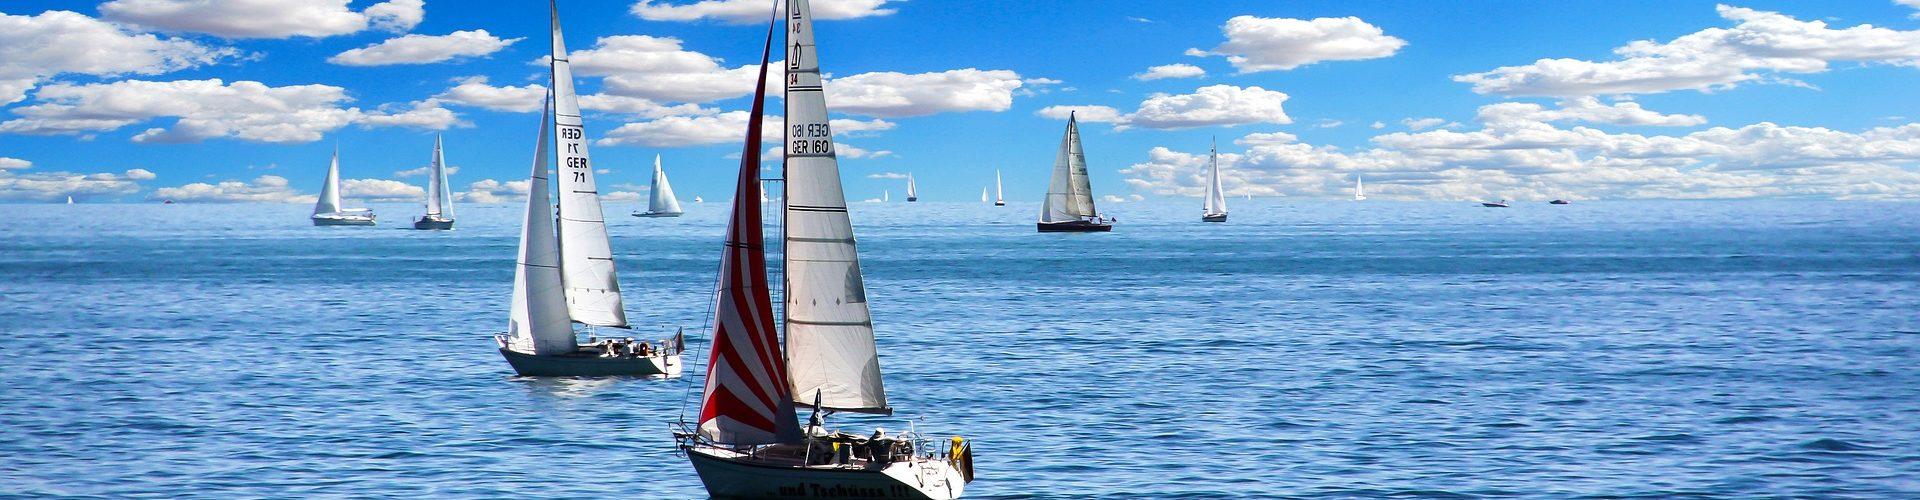 segeln lernen in TriebelVogtland segelschein machen in TriebelVogtland 1920x500 - Segeln lernen in Triebel/Vogtland